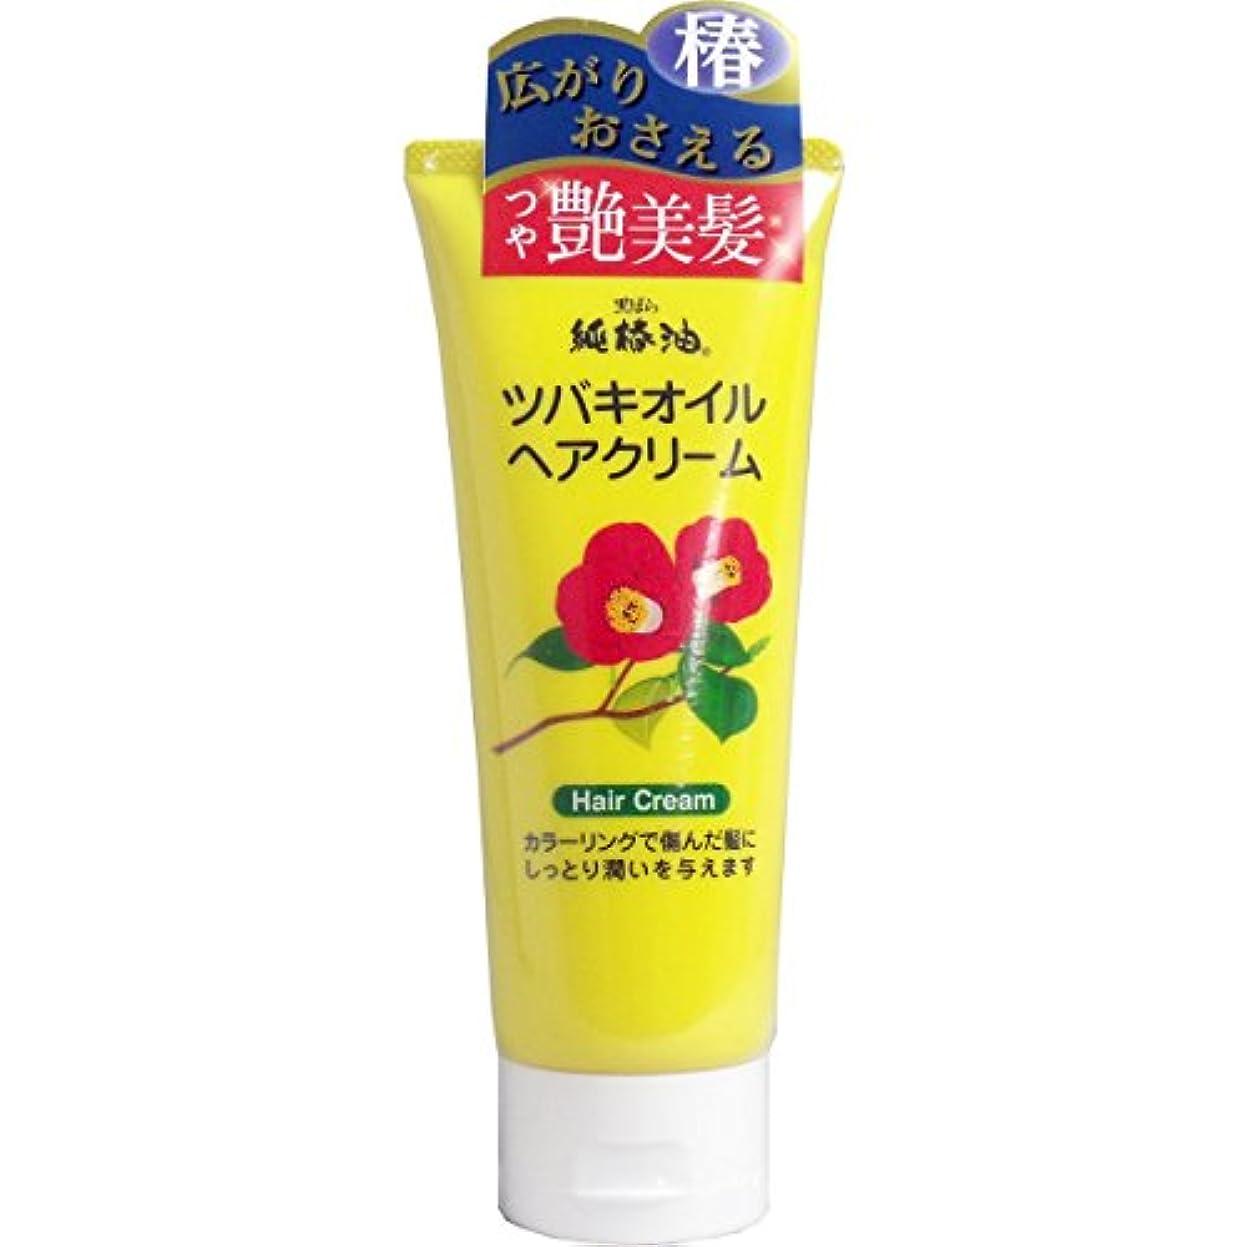 発言する私行【まとめ買い】黒ばら純椿油 ツバキオイルヘアクリーム 150g ×2セット